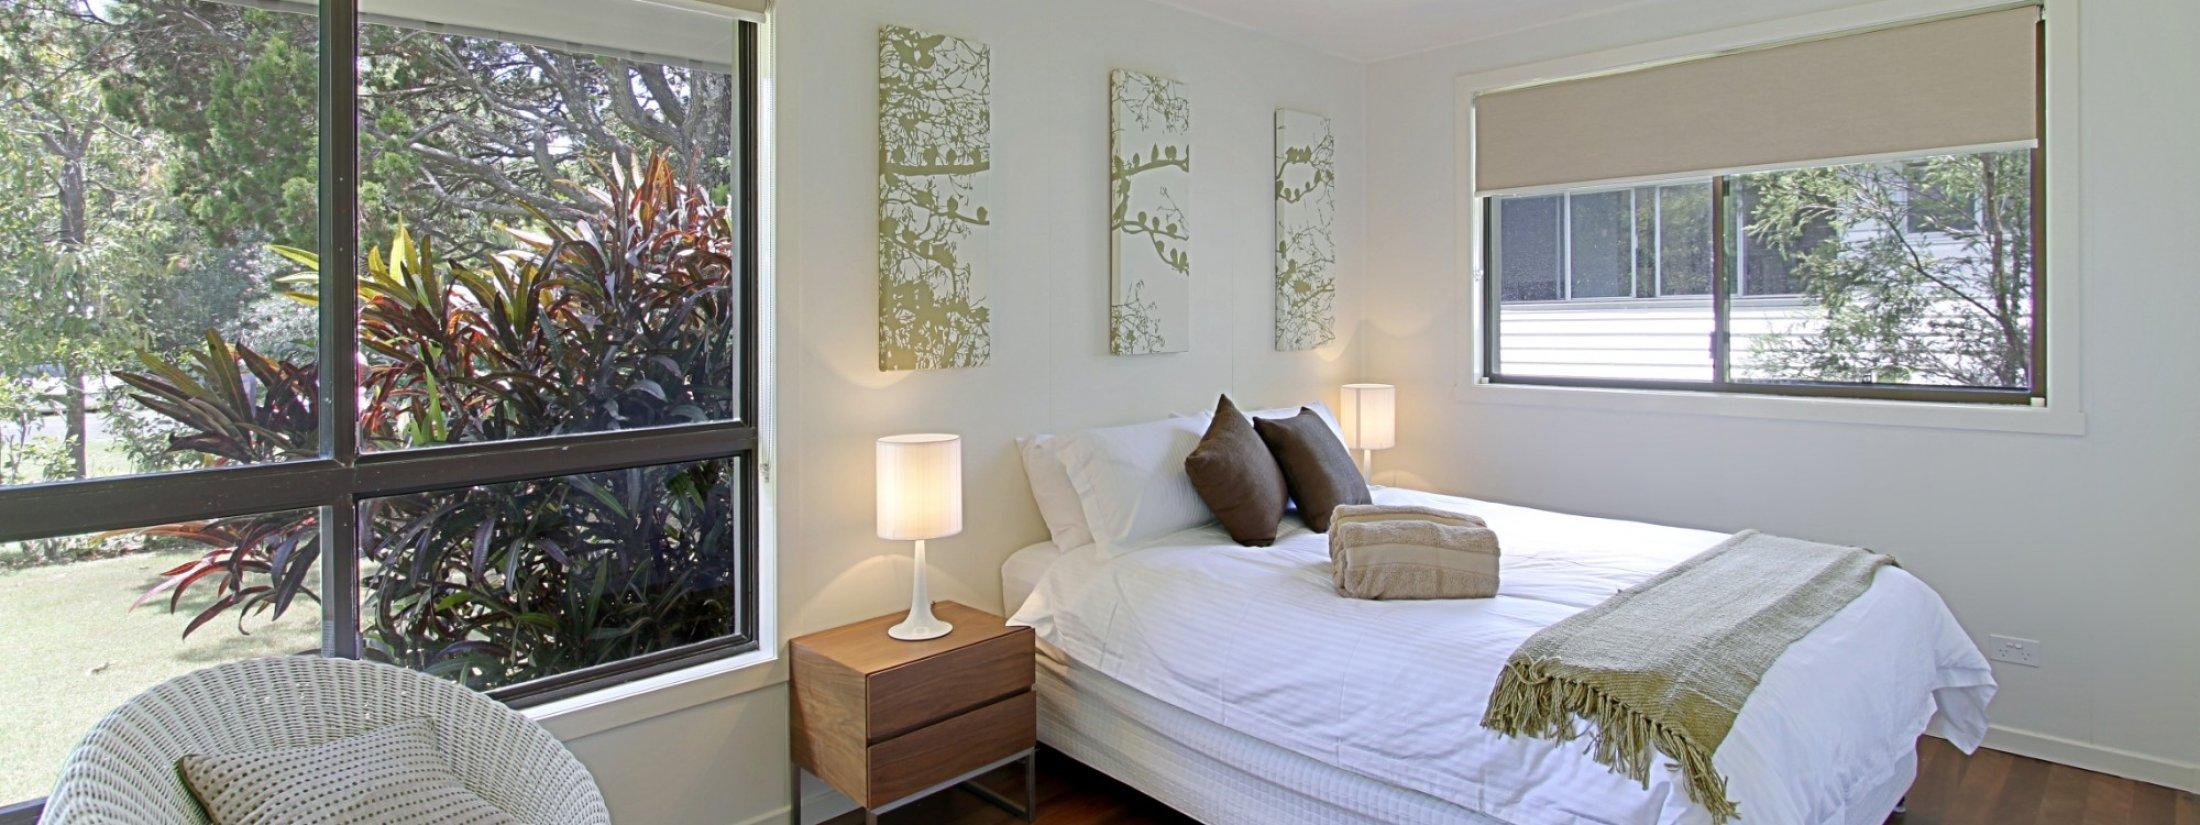 Mi Casa - Bedroom